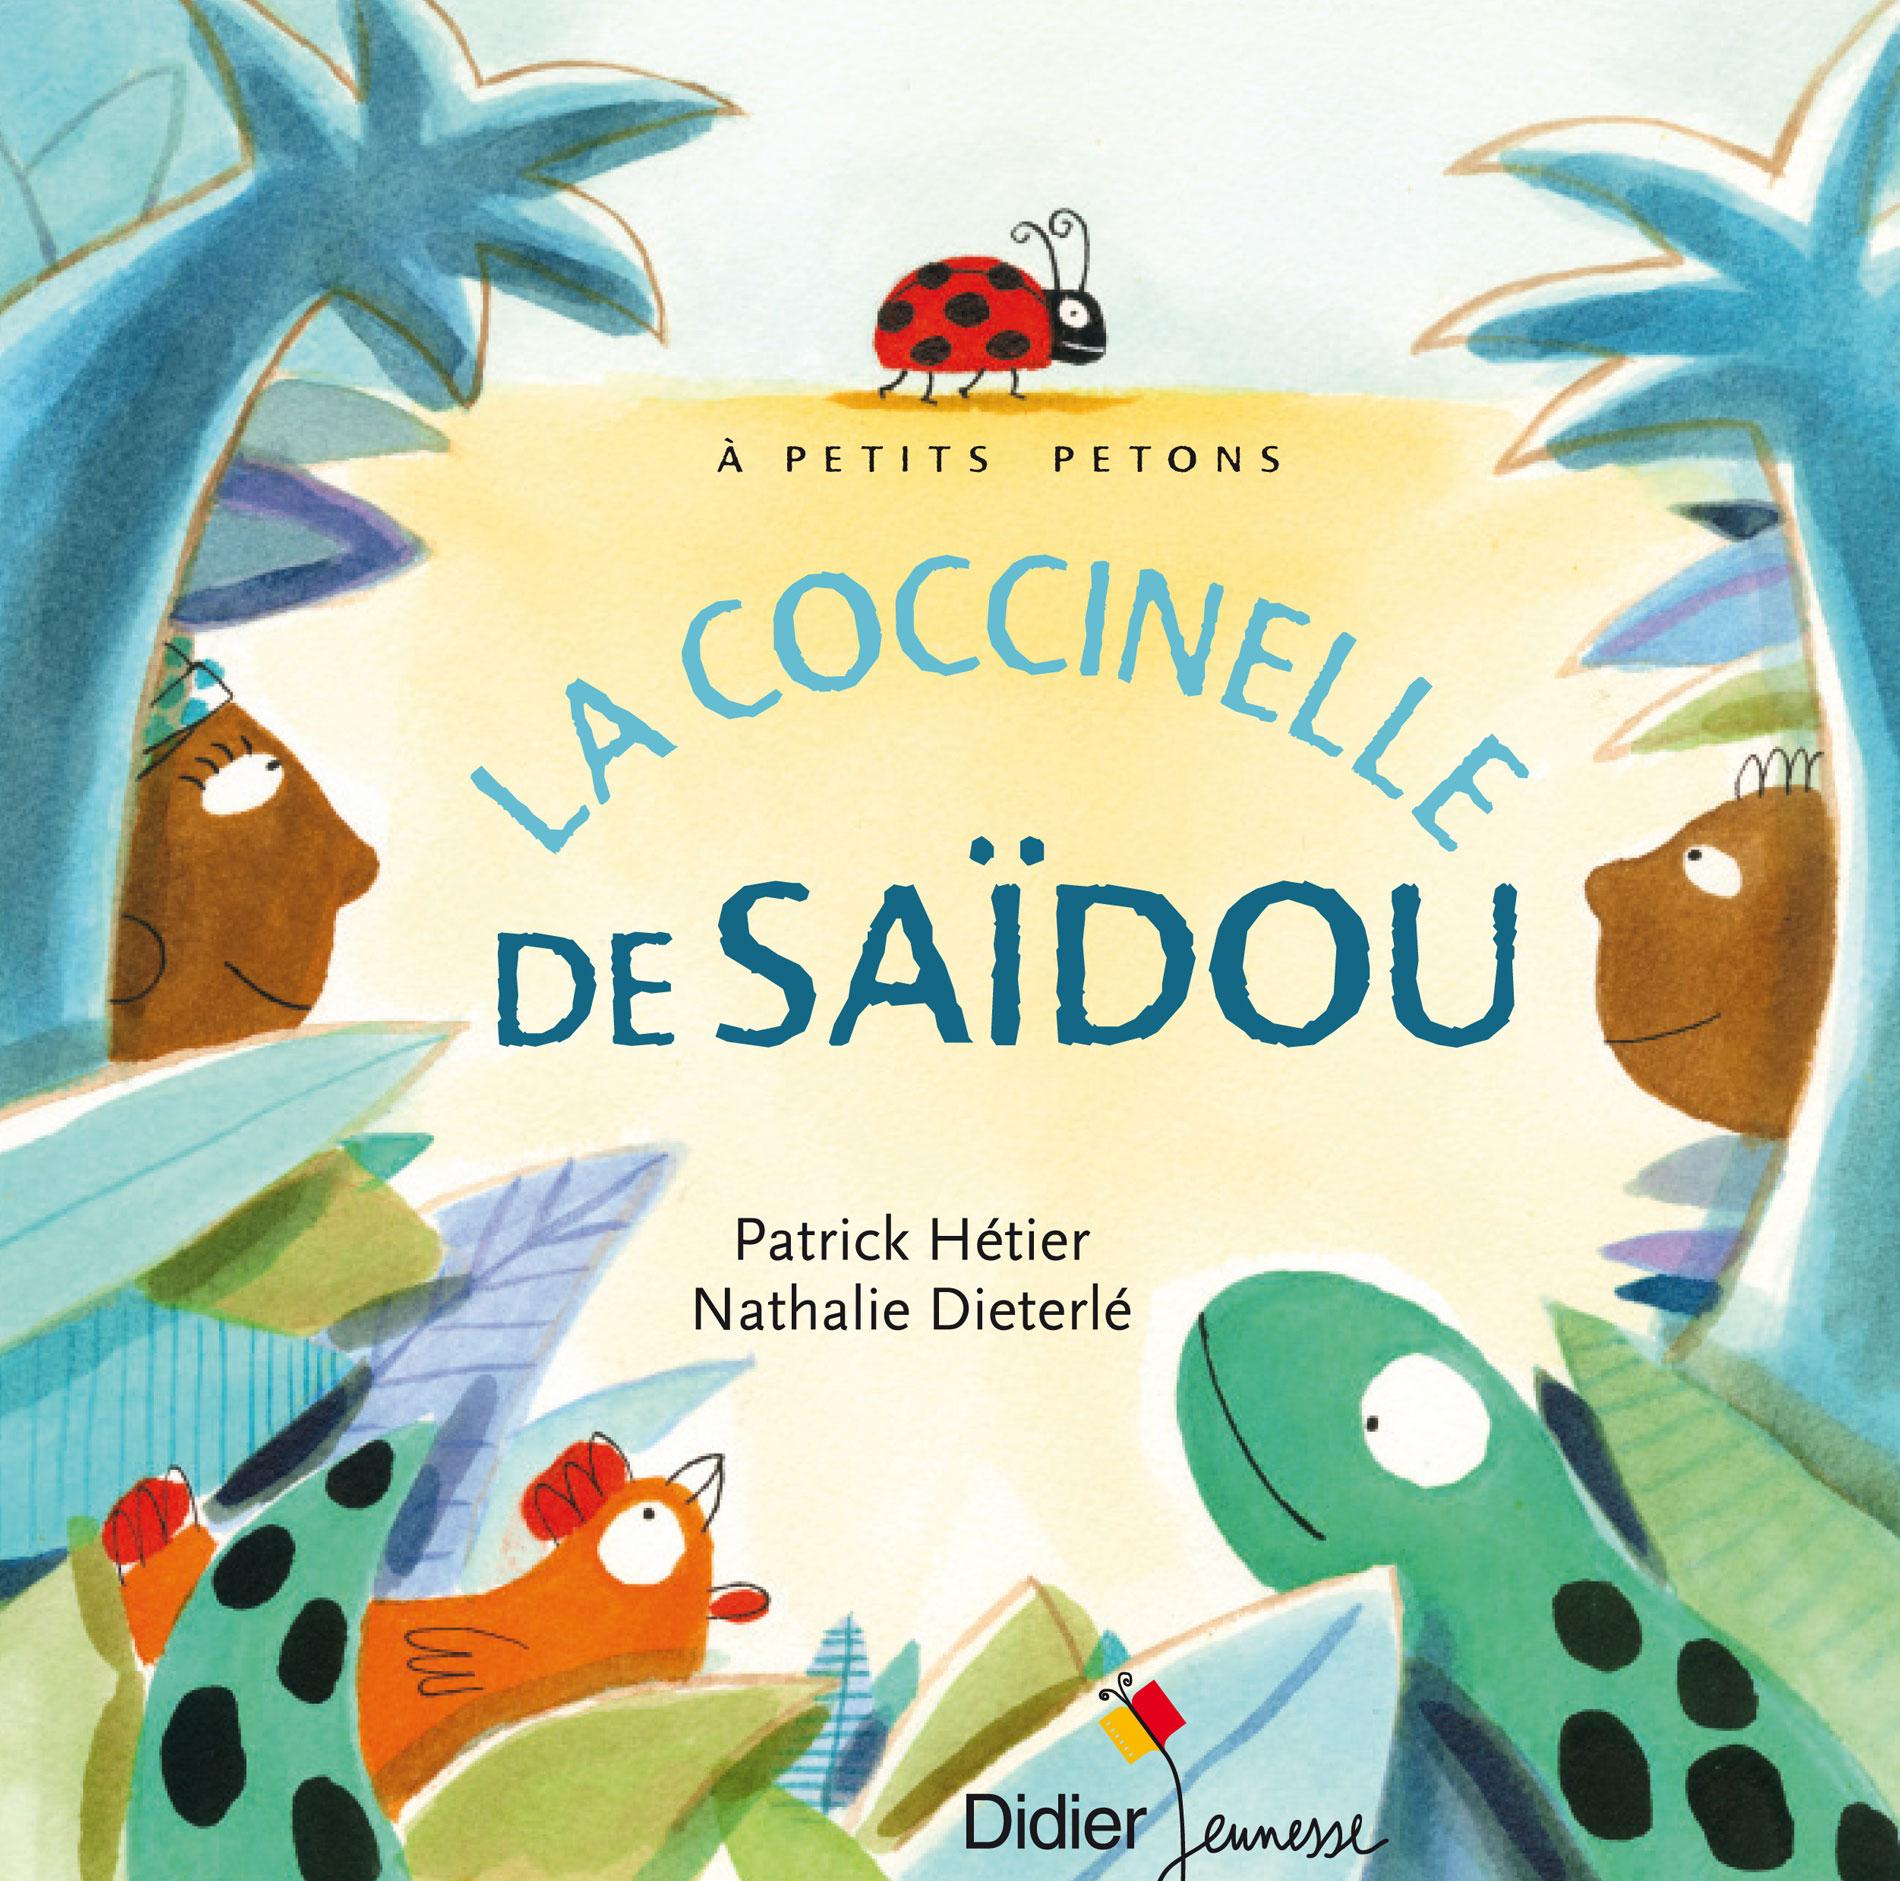 Albume jeunesse écrit par Patrick Hétier, illustré par Nathalie Dieterlé et édité par Didier Jeunesse